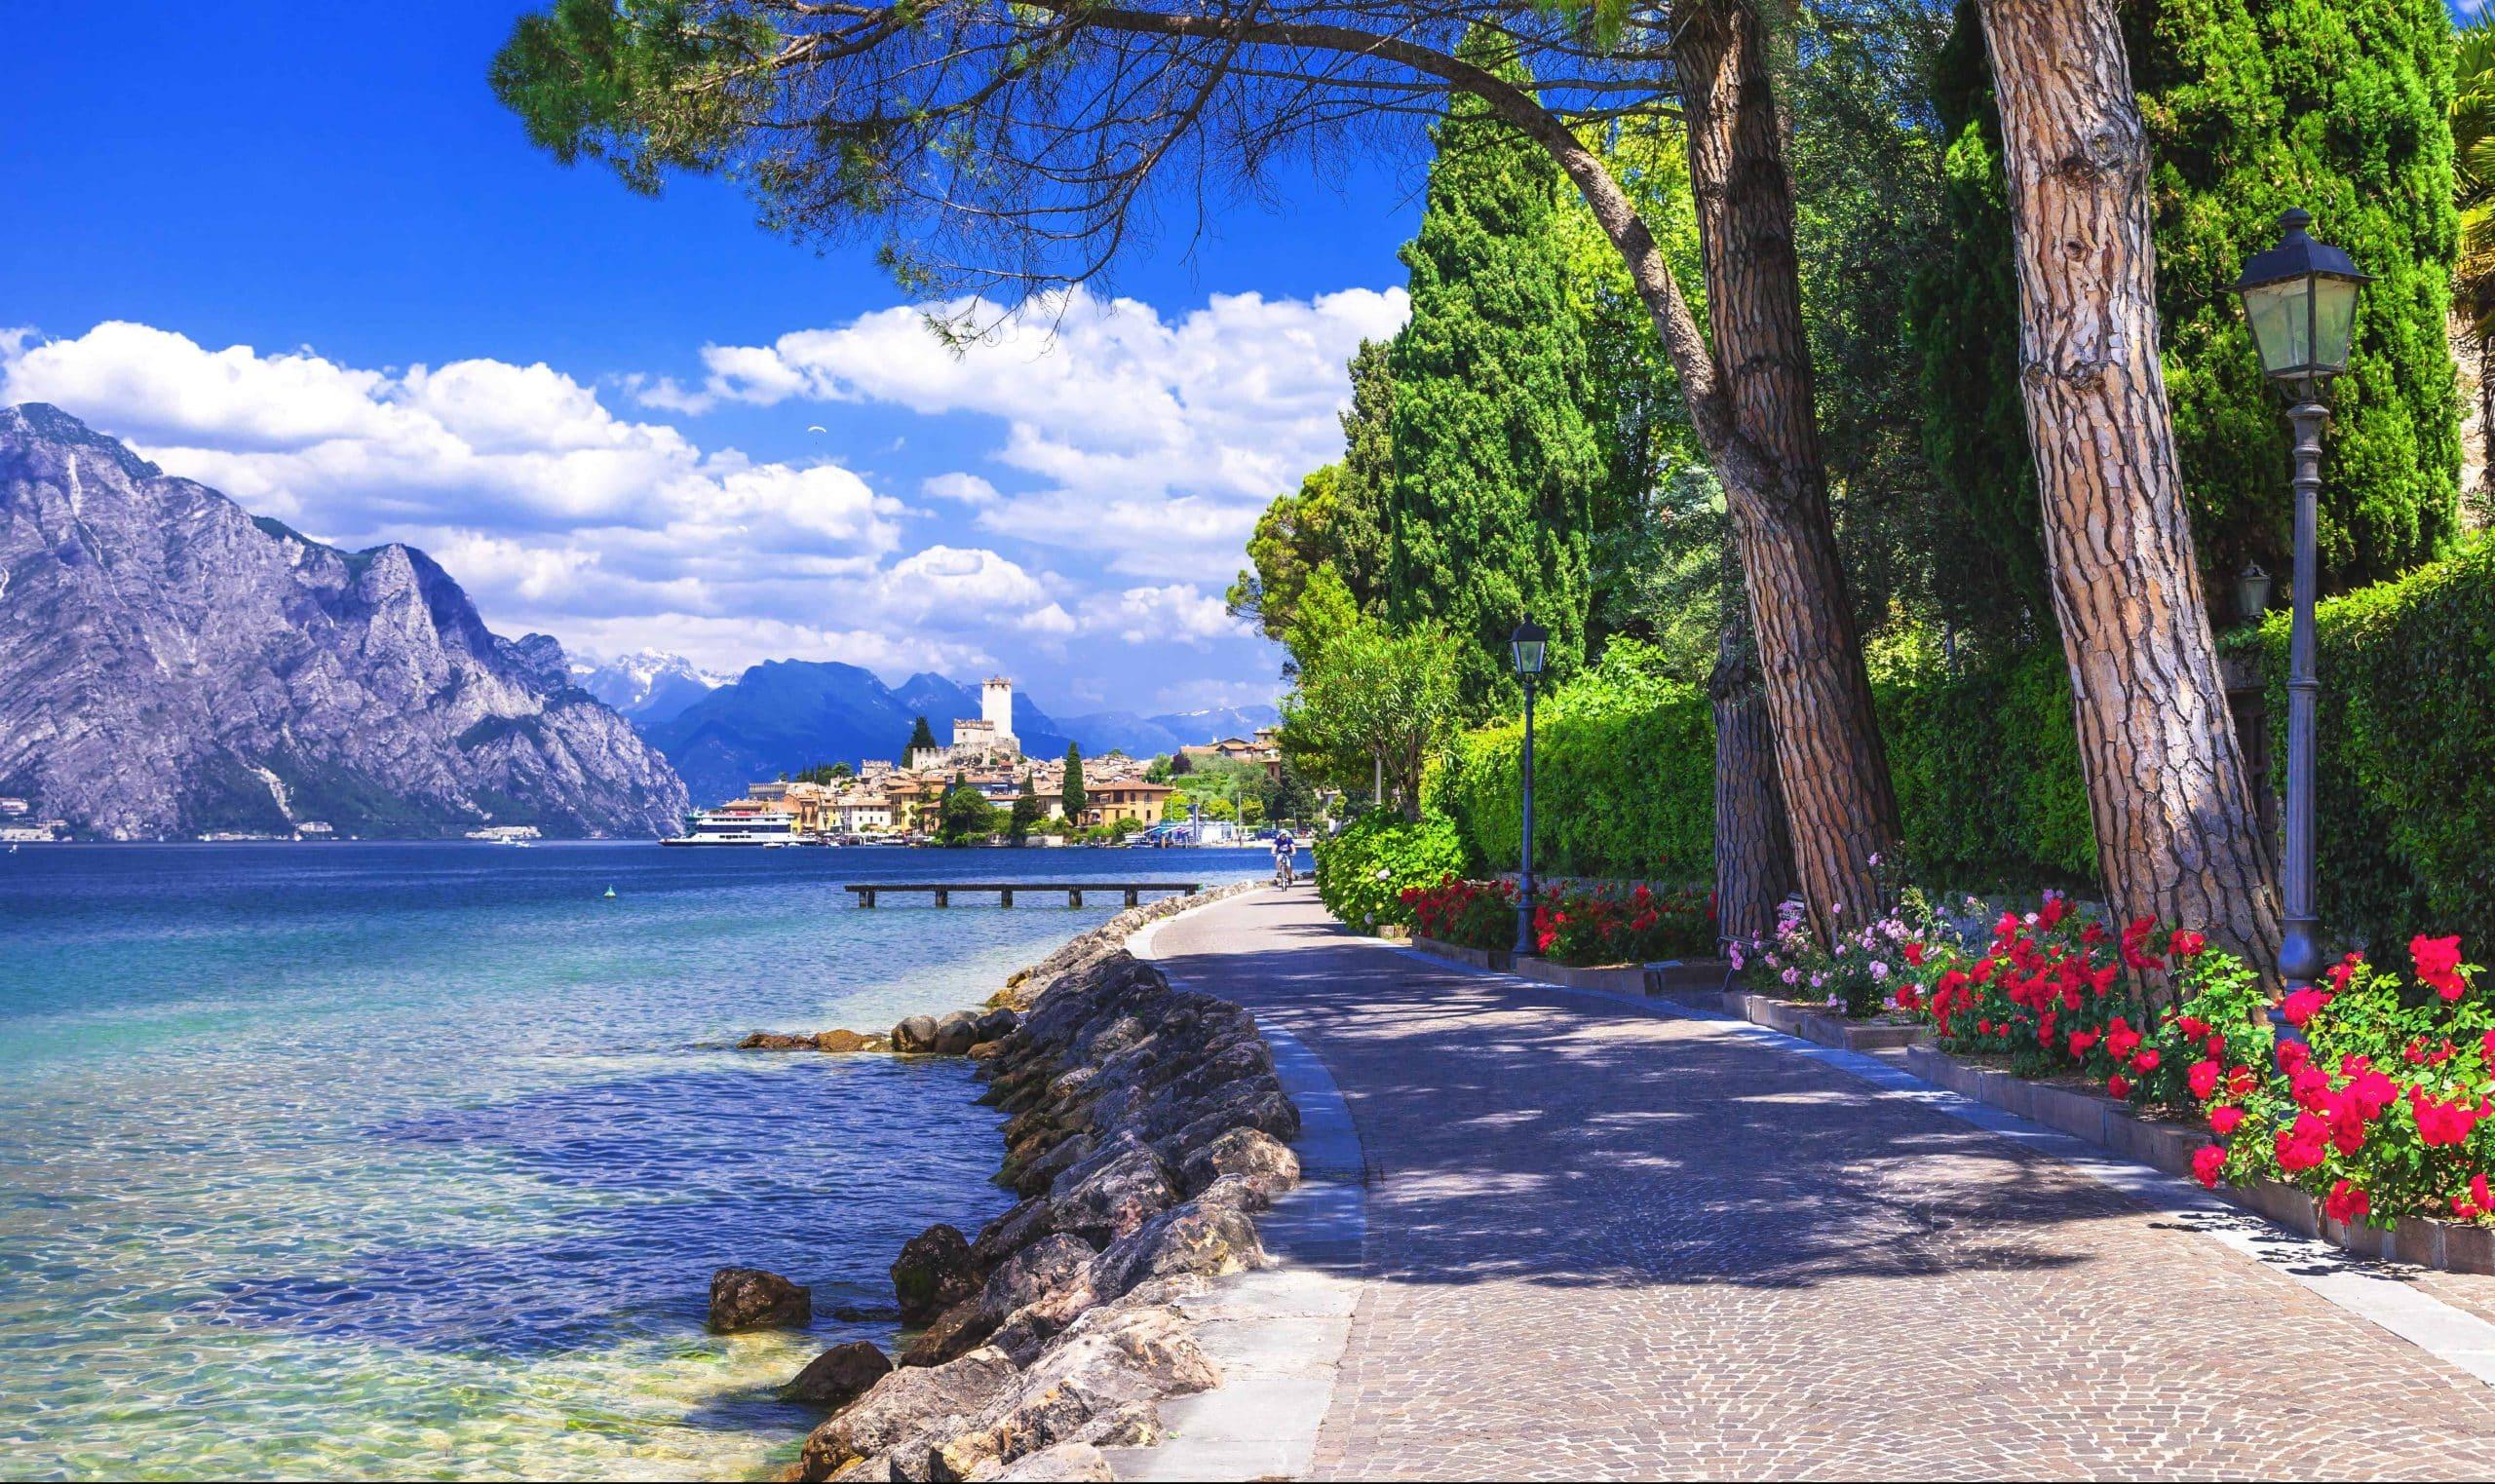 Oplev Gardasøen på en rundrejse med dansk rejseleder til Italien